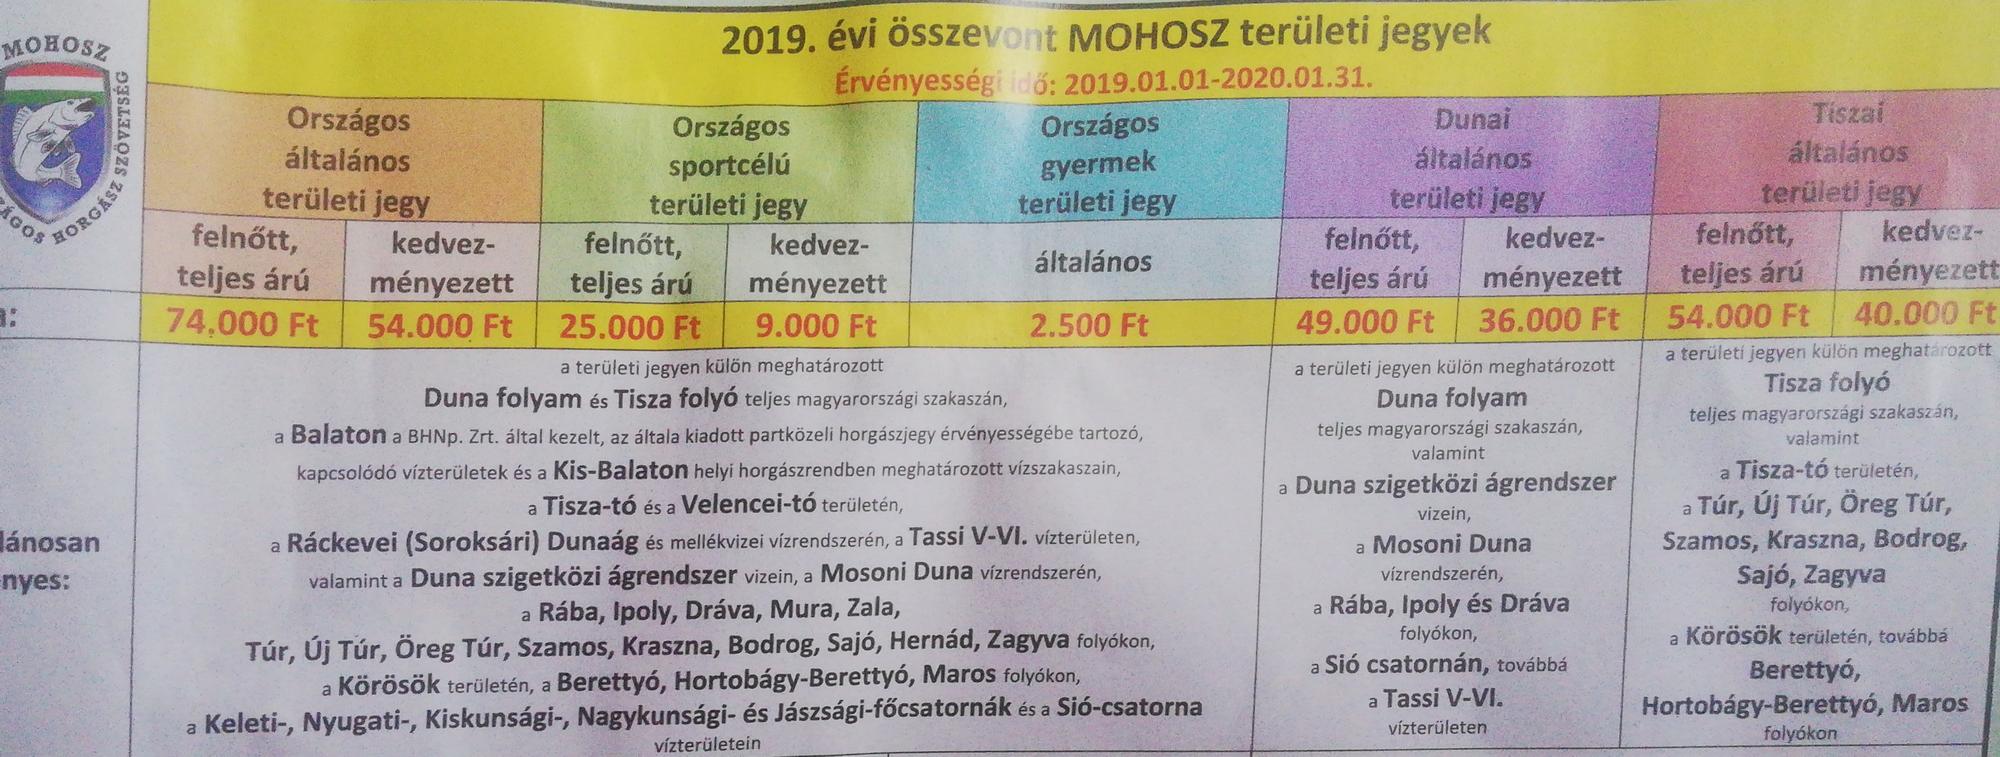 2019-es összevont Mohosz éves területi jegyek